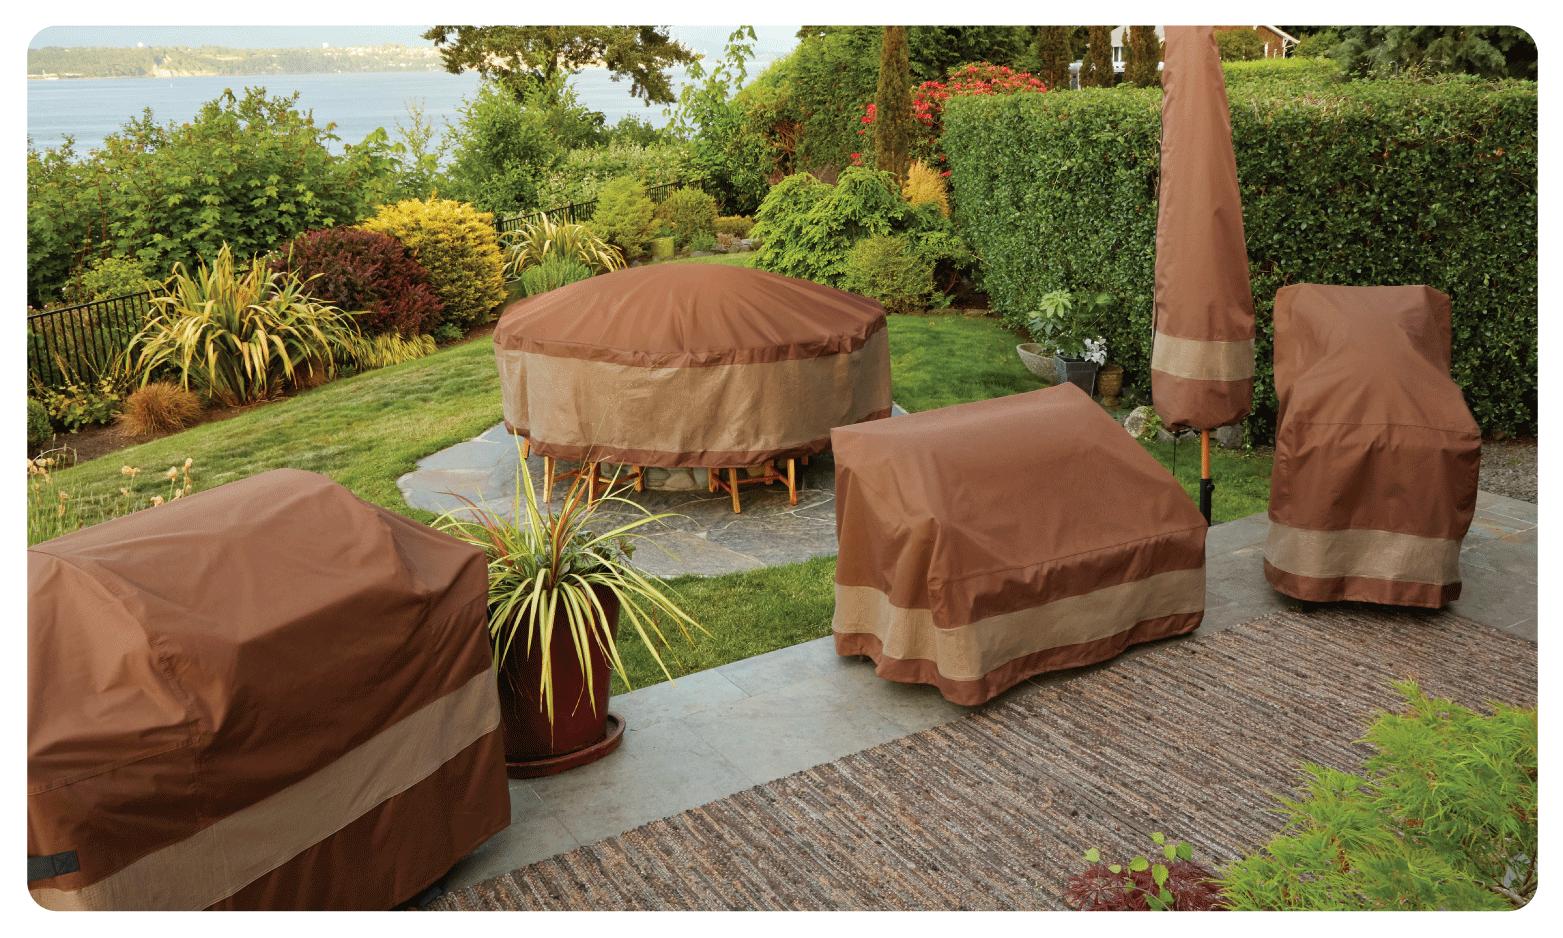 Ultimate Waterproof Covers